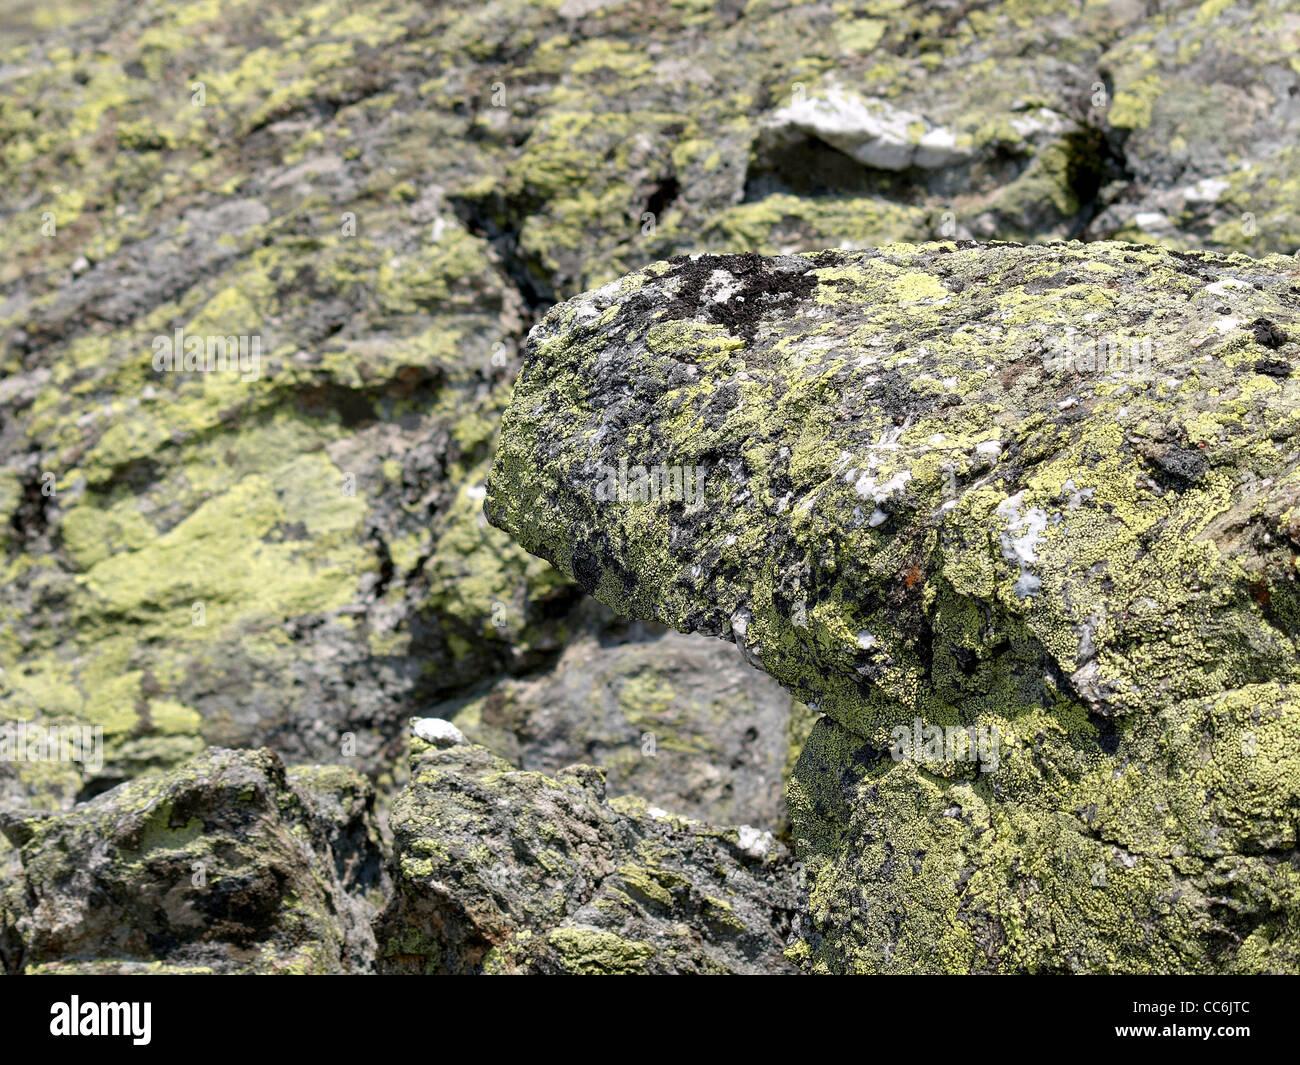 rock with lichen / Gestein mit Flechten - Stock Image